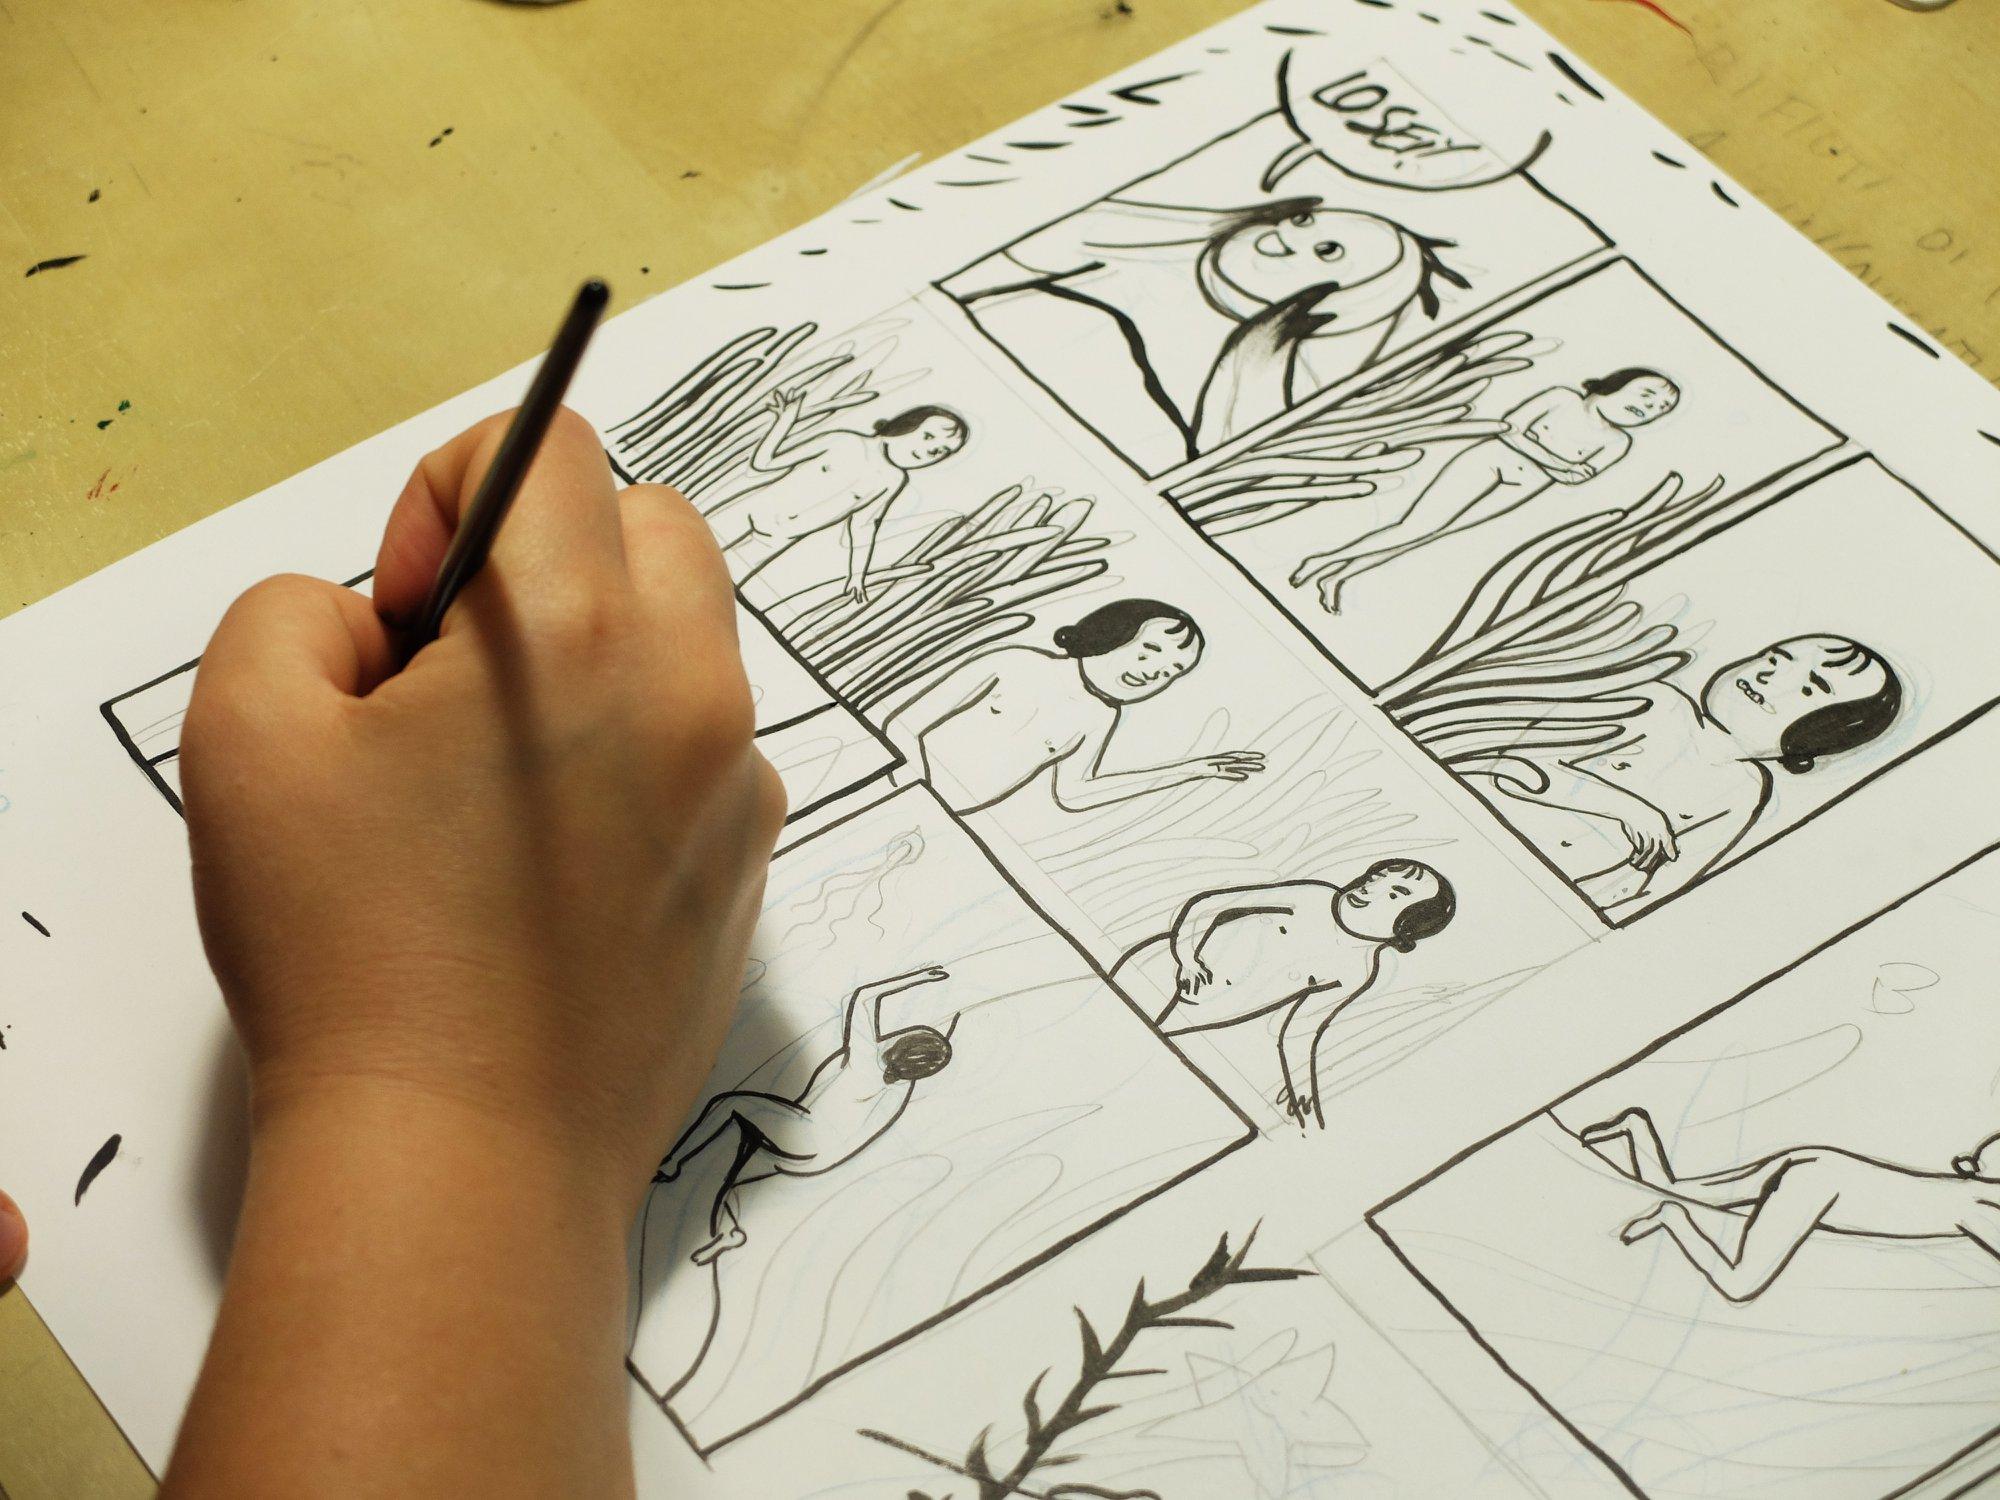 Io sono Mare: intervista a Cristina Portolano sul suo nuovo fumetto